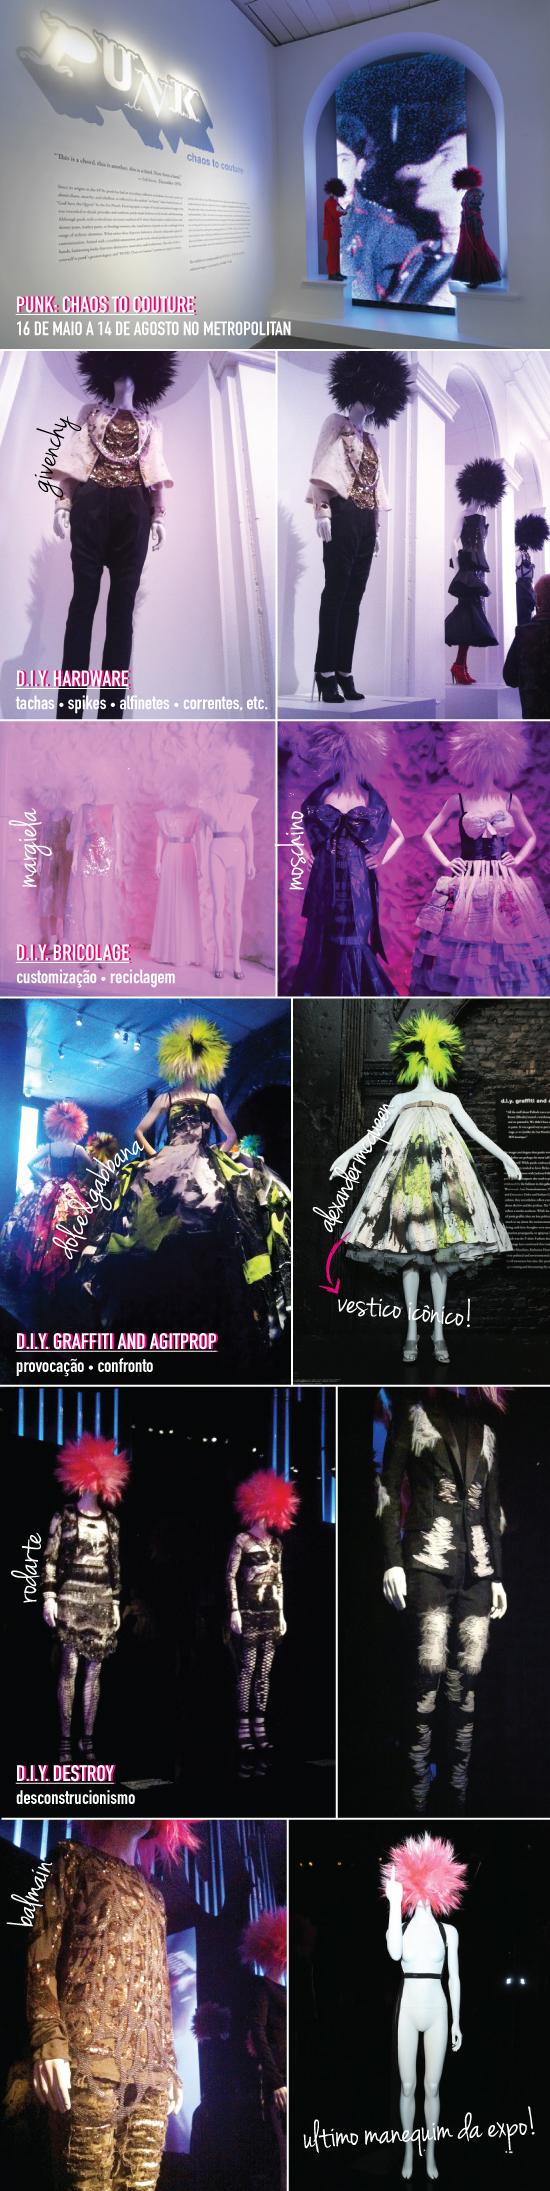 met-metropolitan-ny-new-york-dica-viagem-exposicao-exhibition-punk-chaos-to-couture-moda-fashion-vogue-moda-operandi-taylor-tomasi-hill-alexander-mcqueen-givenchy-moschino-diy-margiela